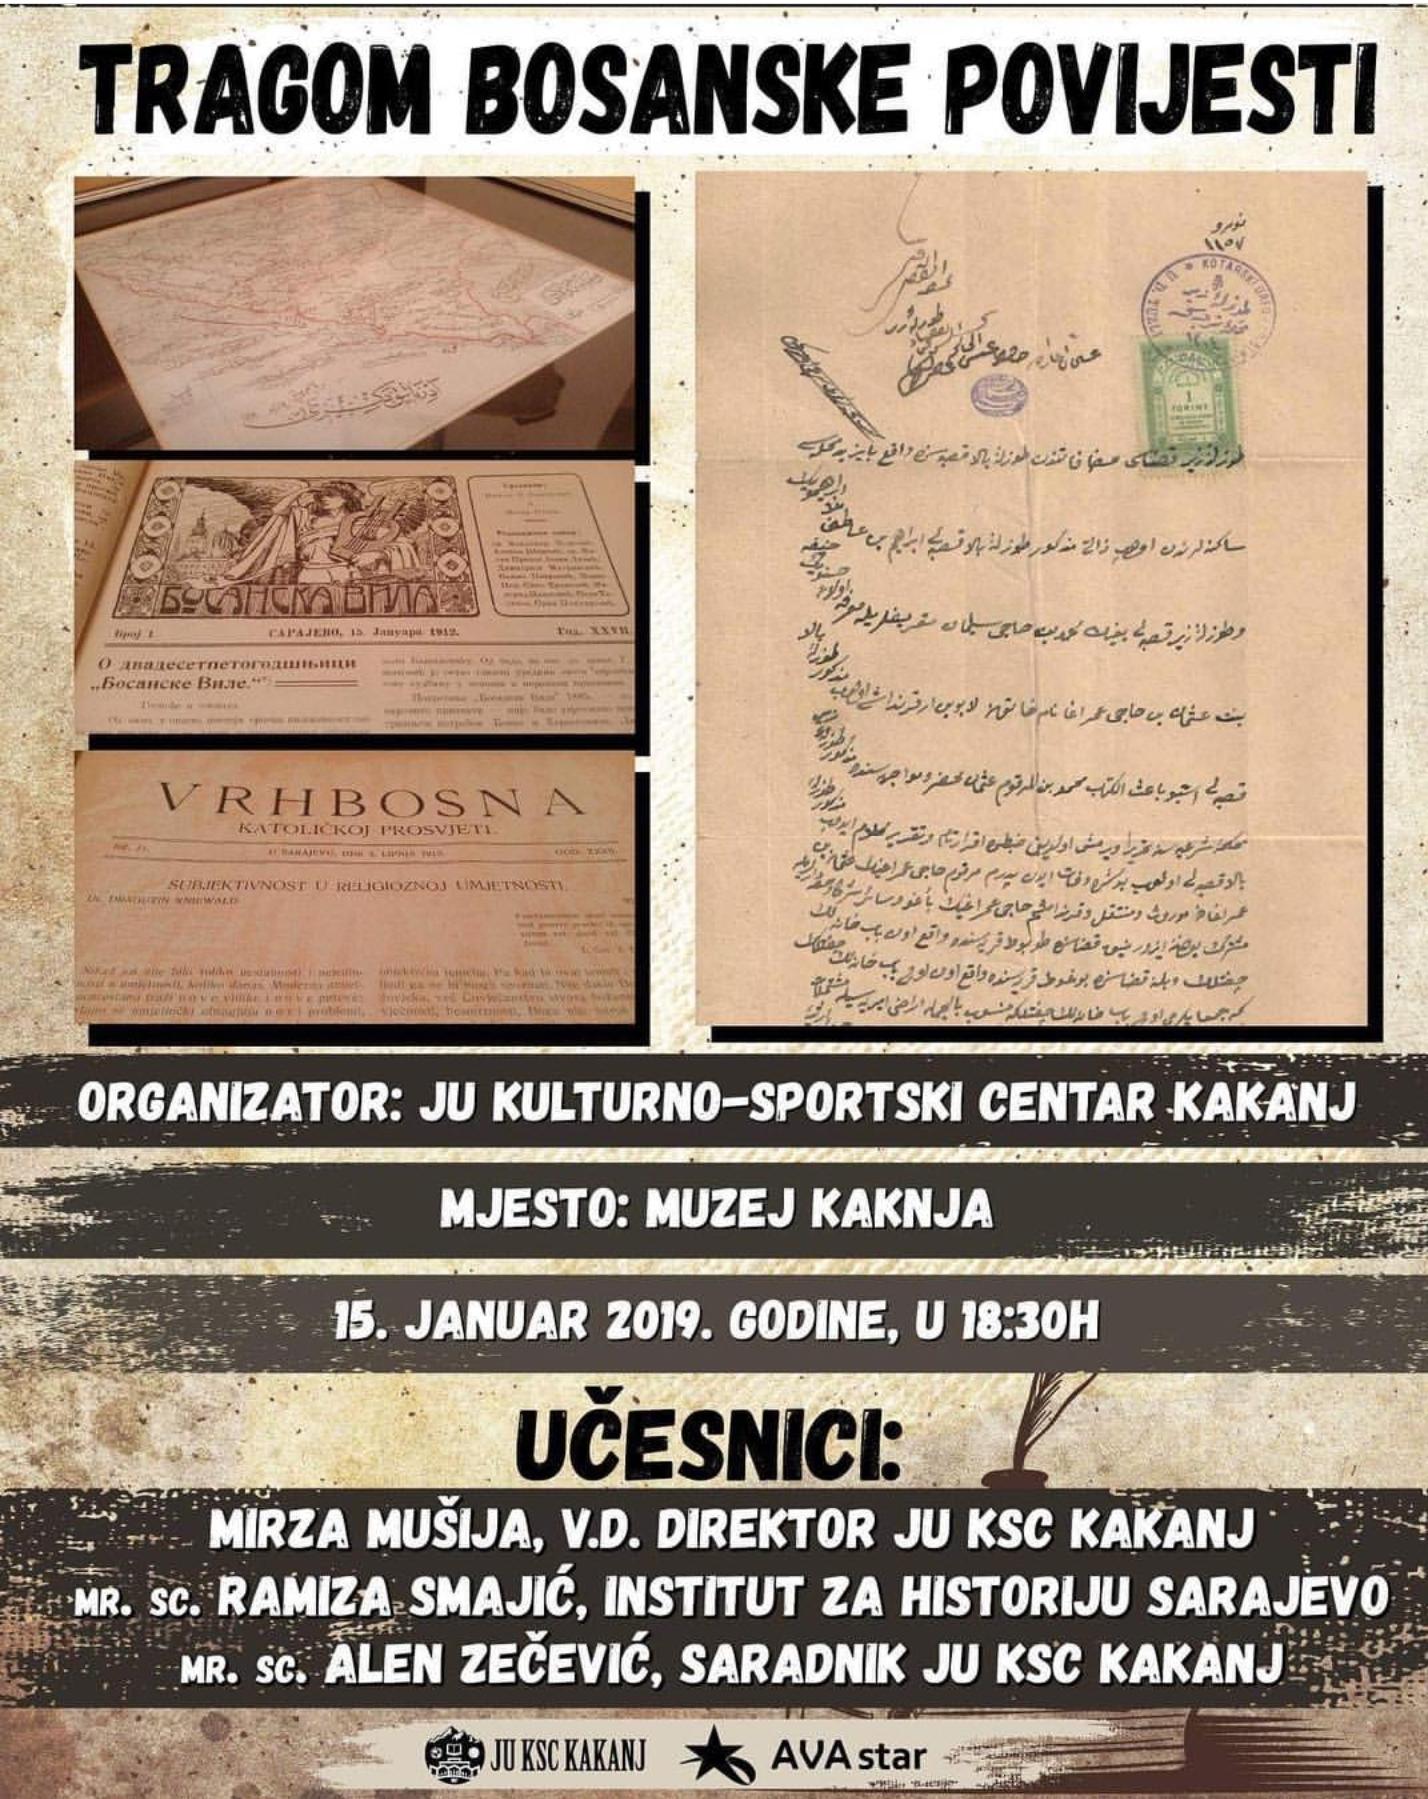 """Danas otvorenje izložbe """"Tragom bosanske povijesti"""" u Muzeju Kaknja"""